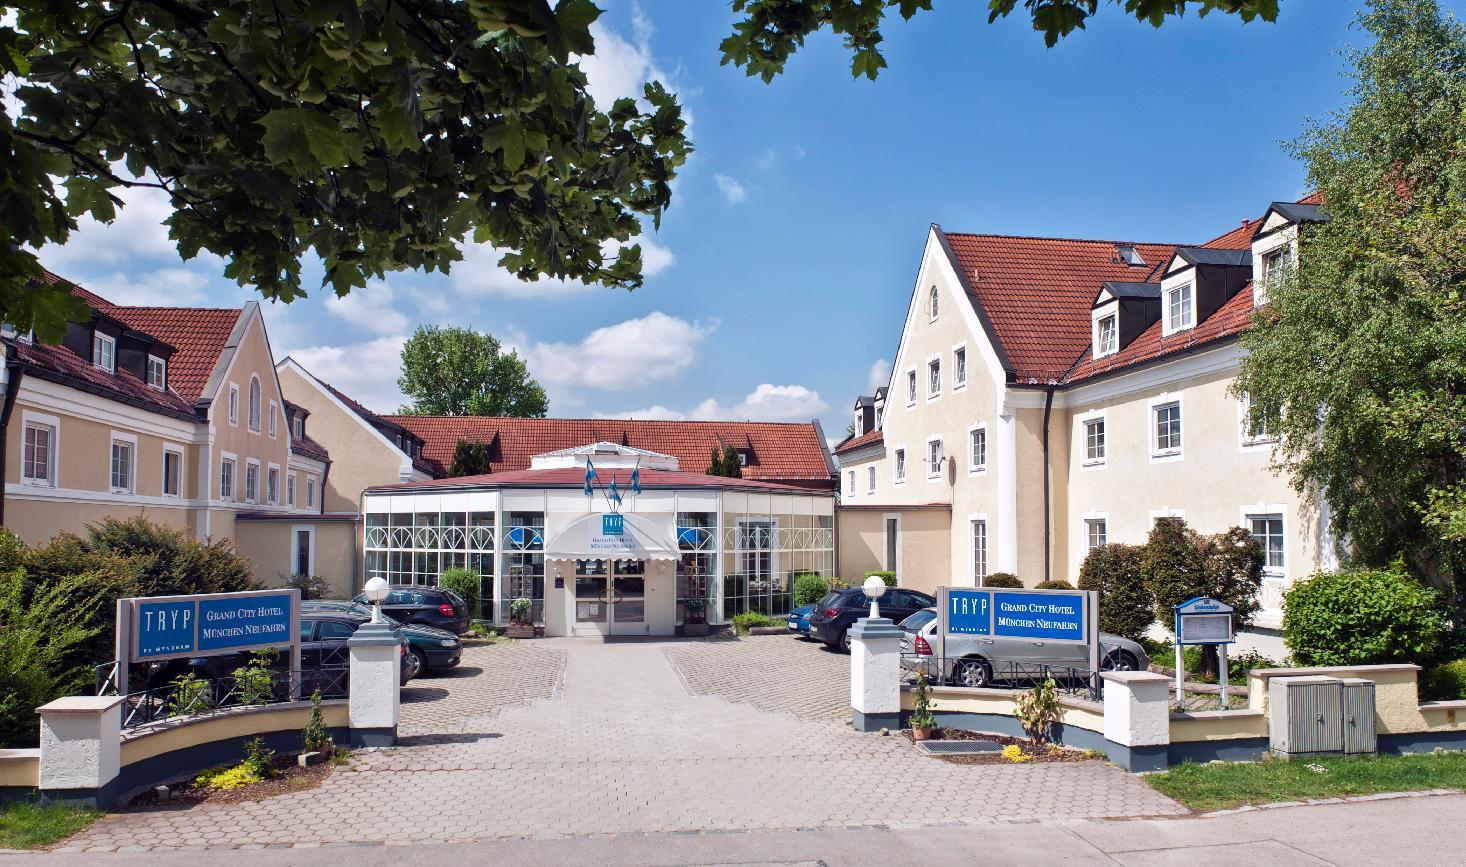 Tryp By Wyndham Munich North